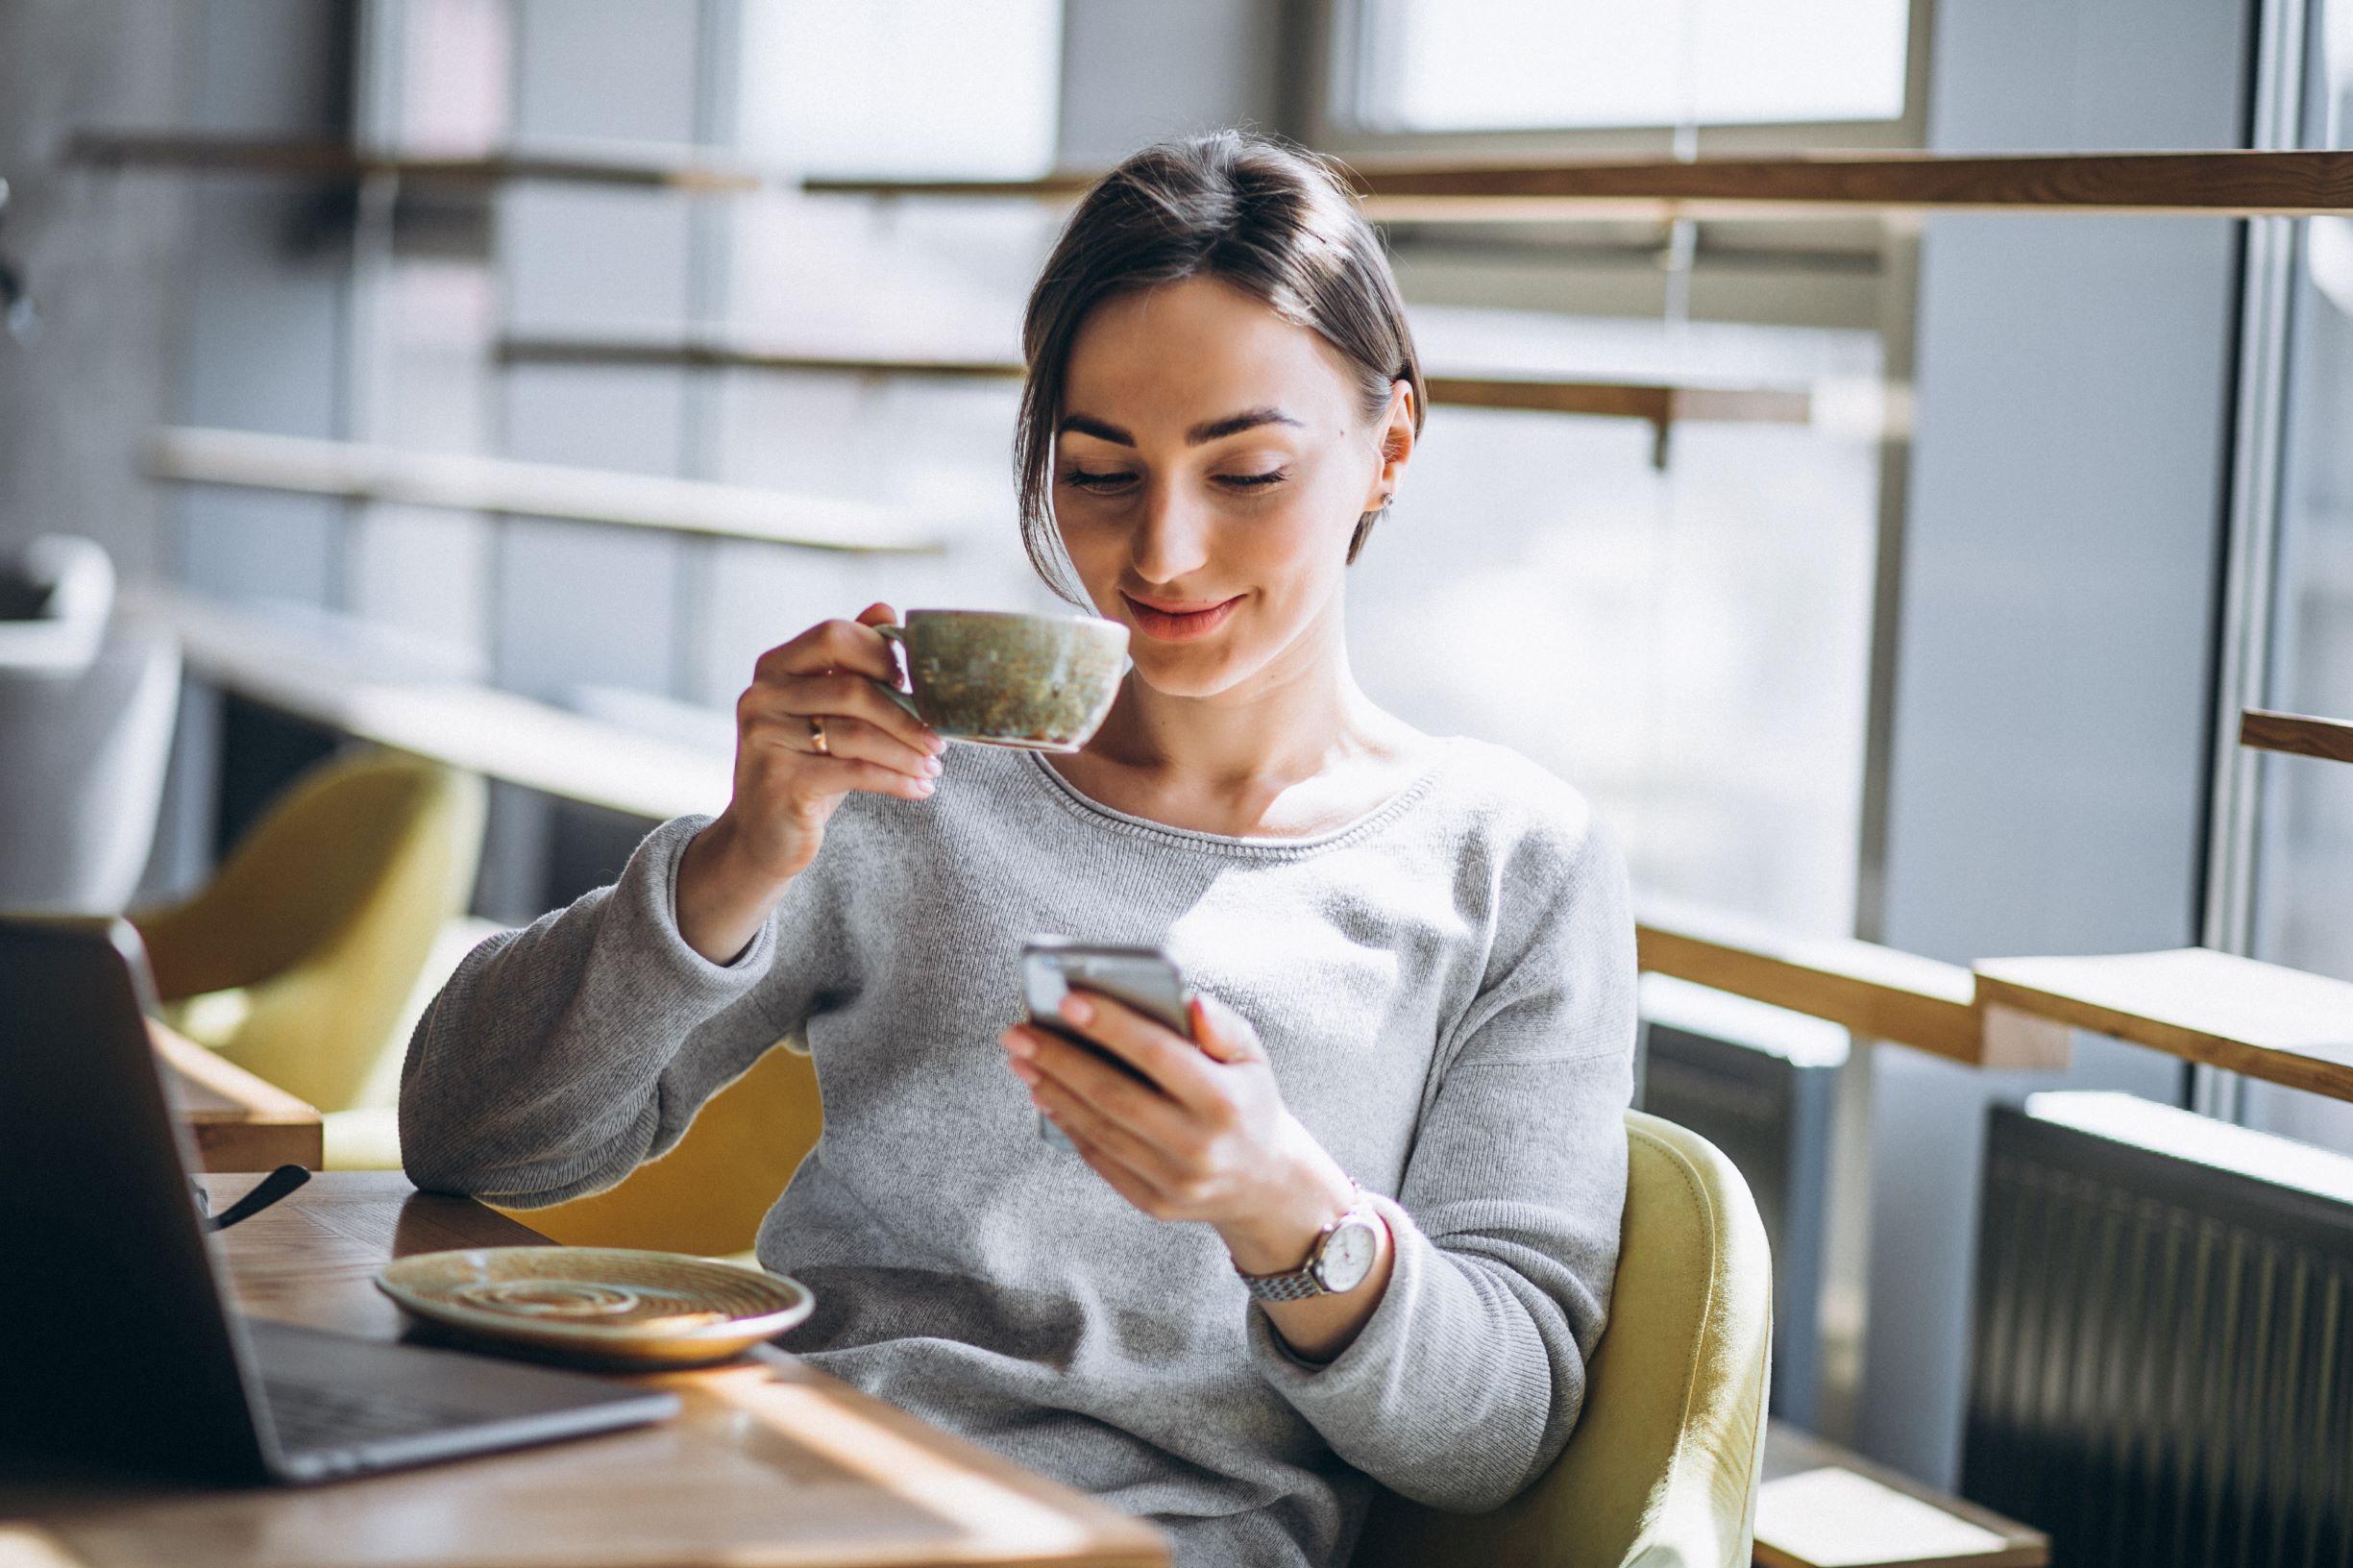 Cliente siguiendo el sistema digital de turnos desde su smartphone